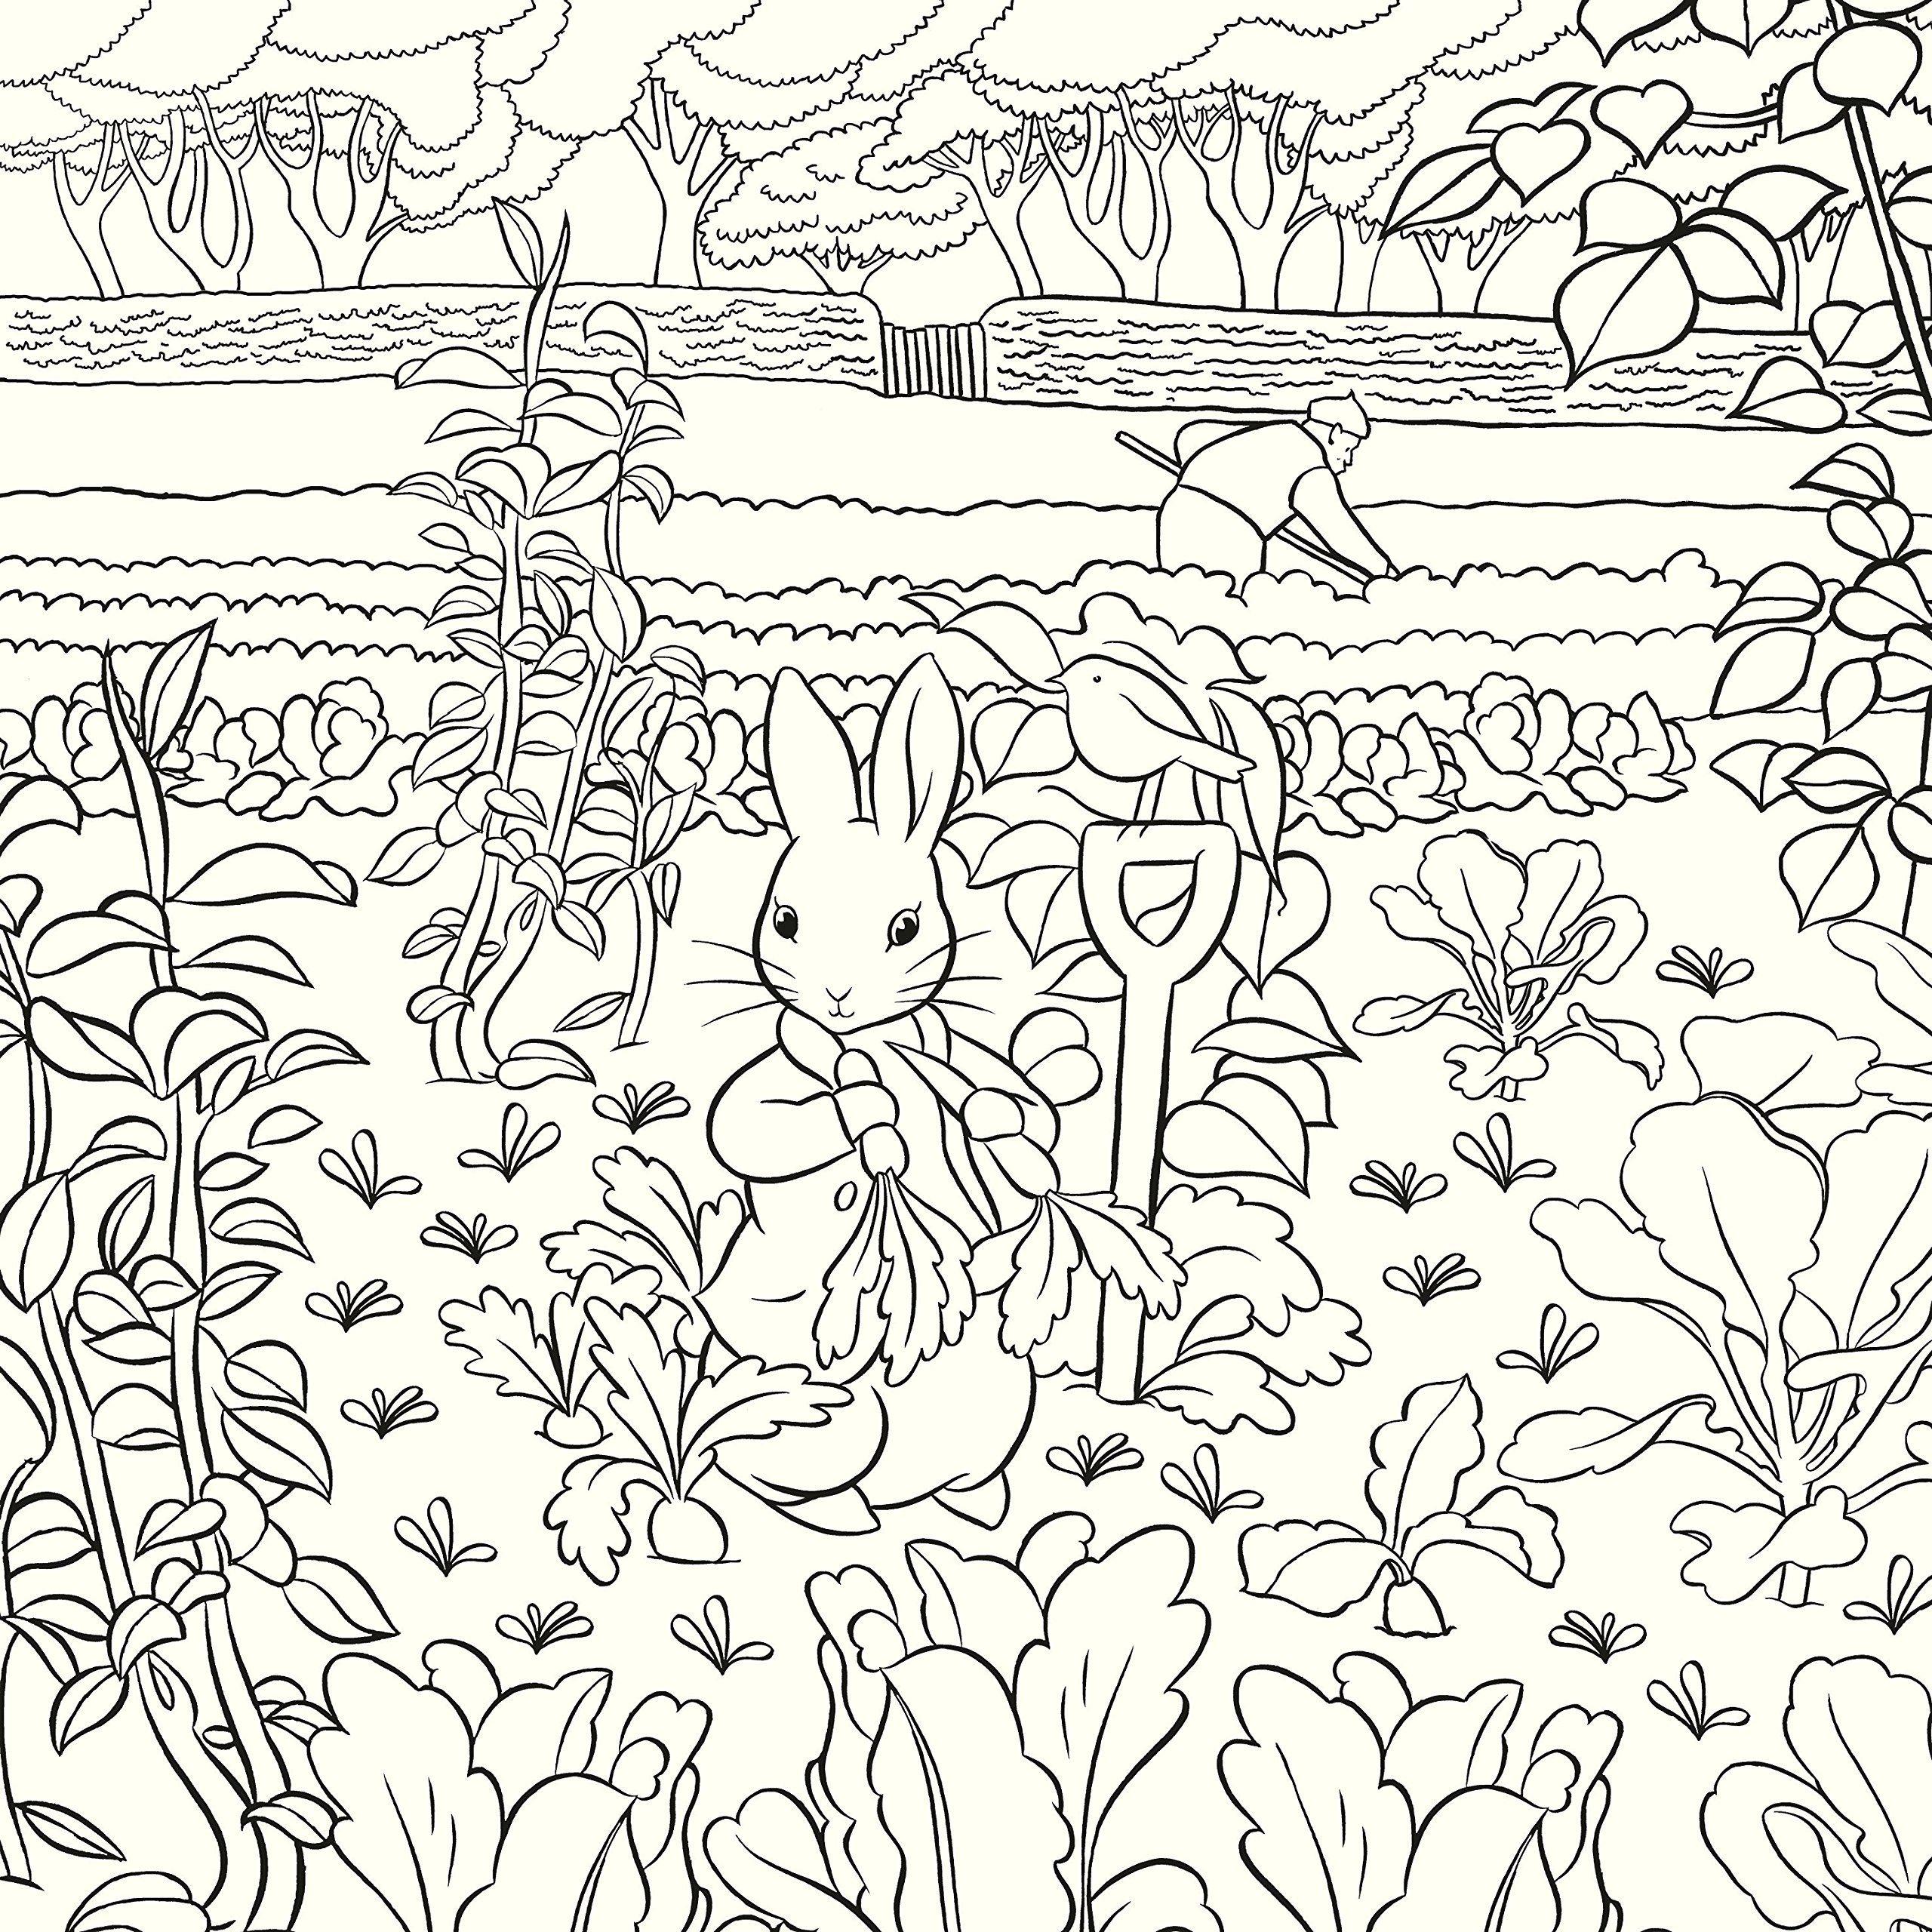 Beatrix Potter Colouring Book, The: Warne: Amazon.com.au: Books ...